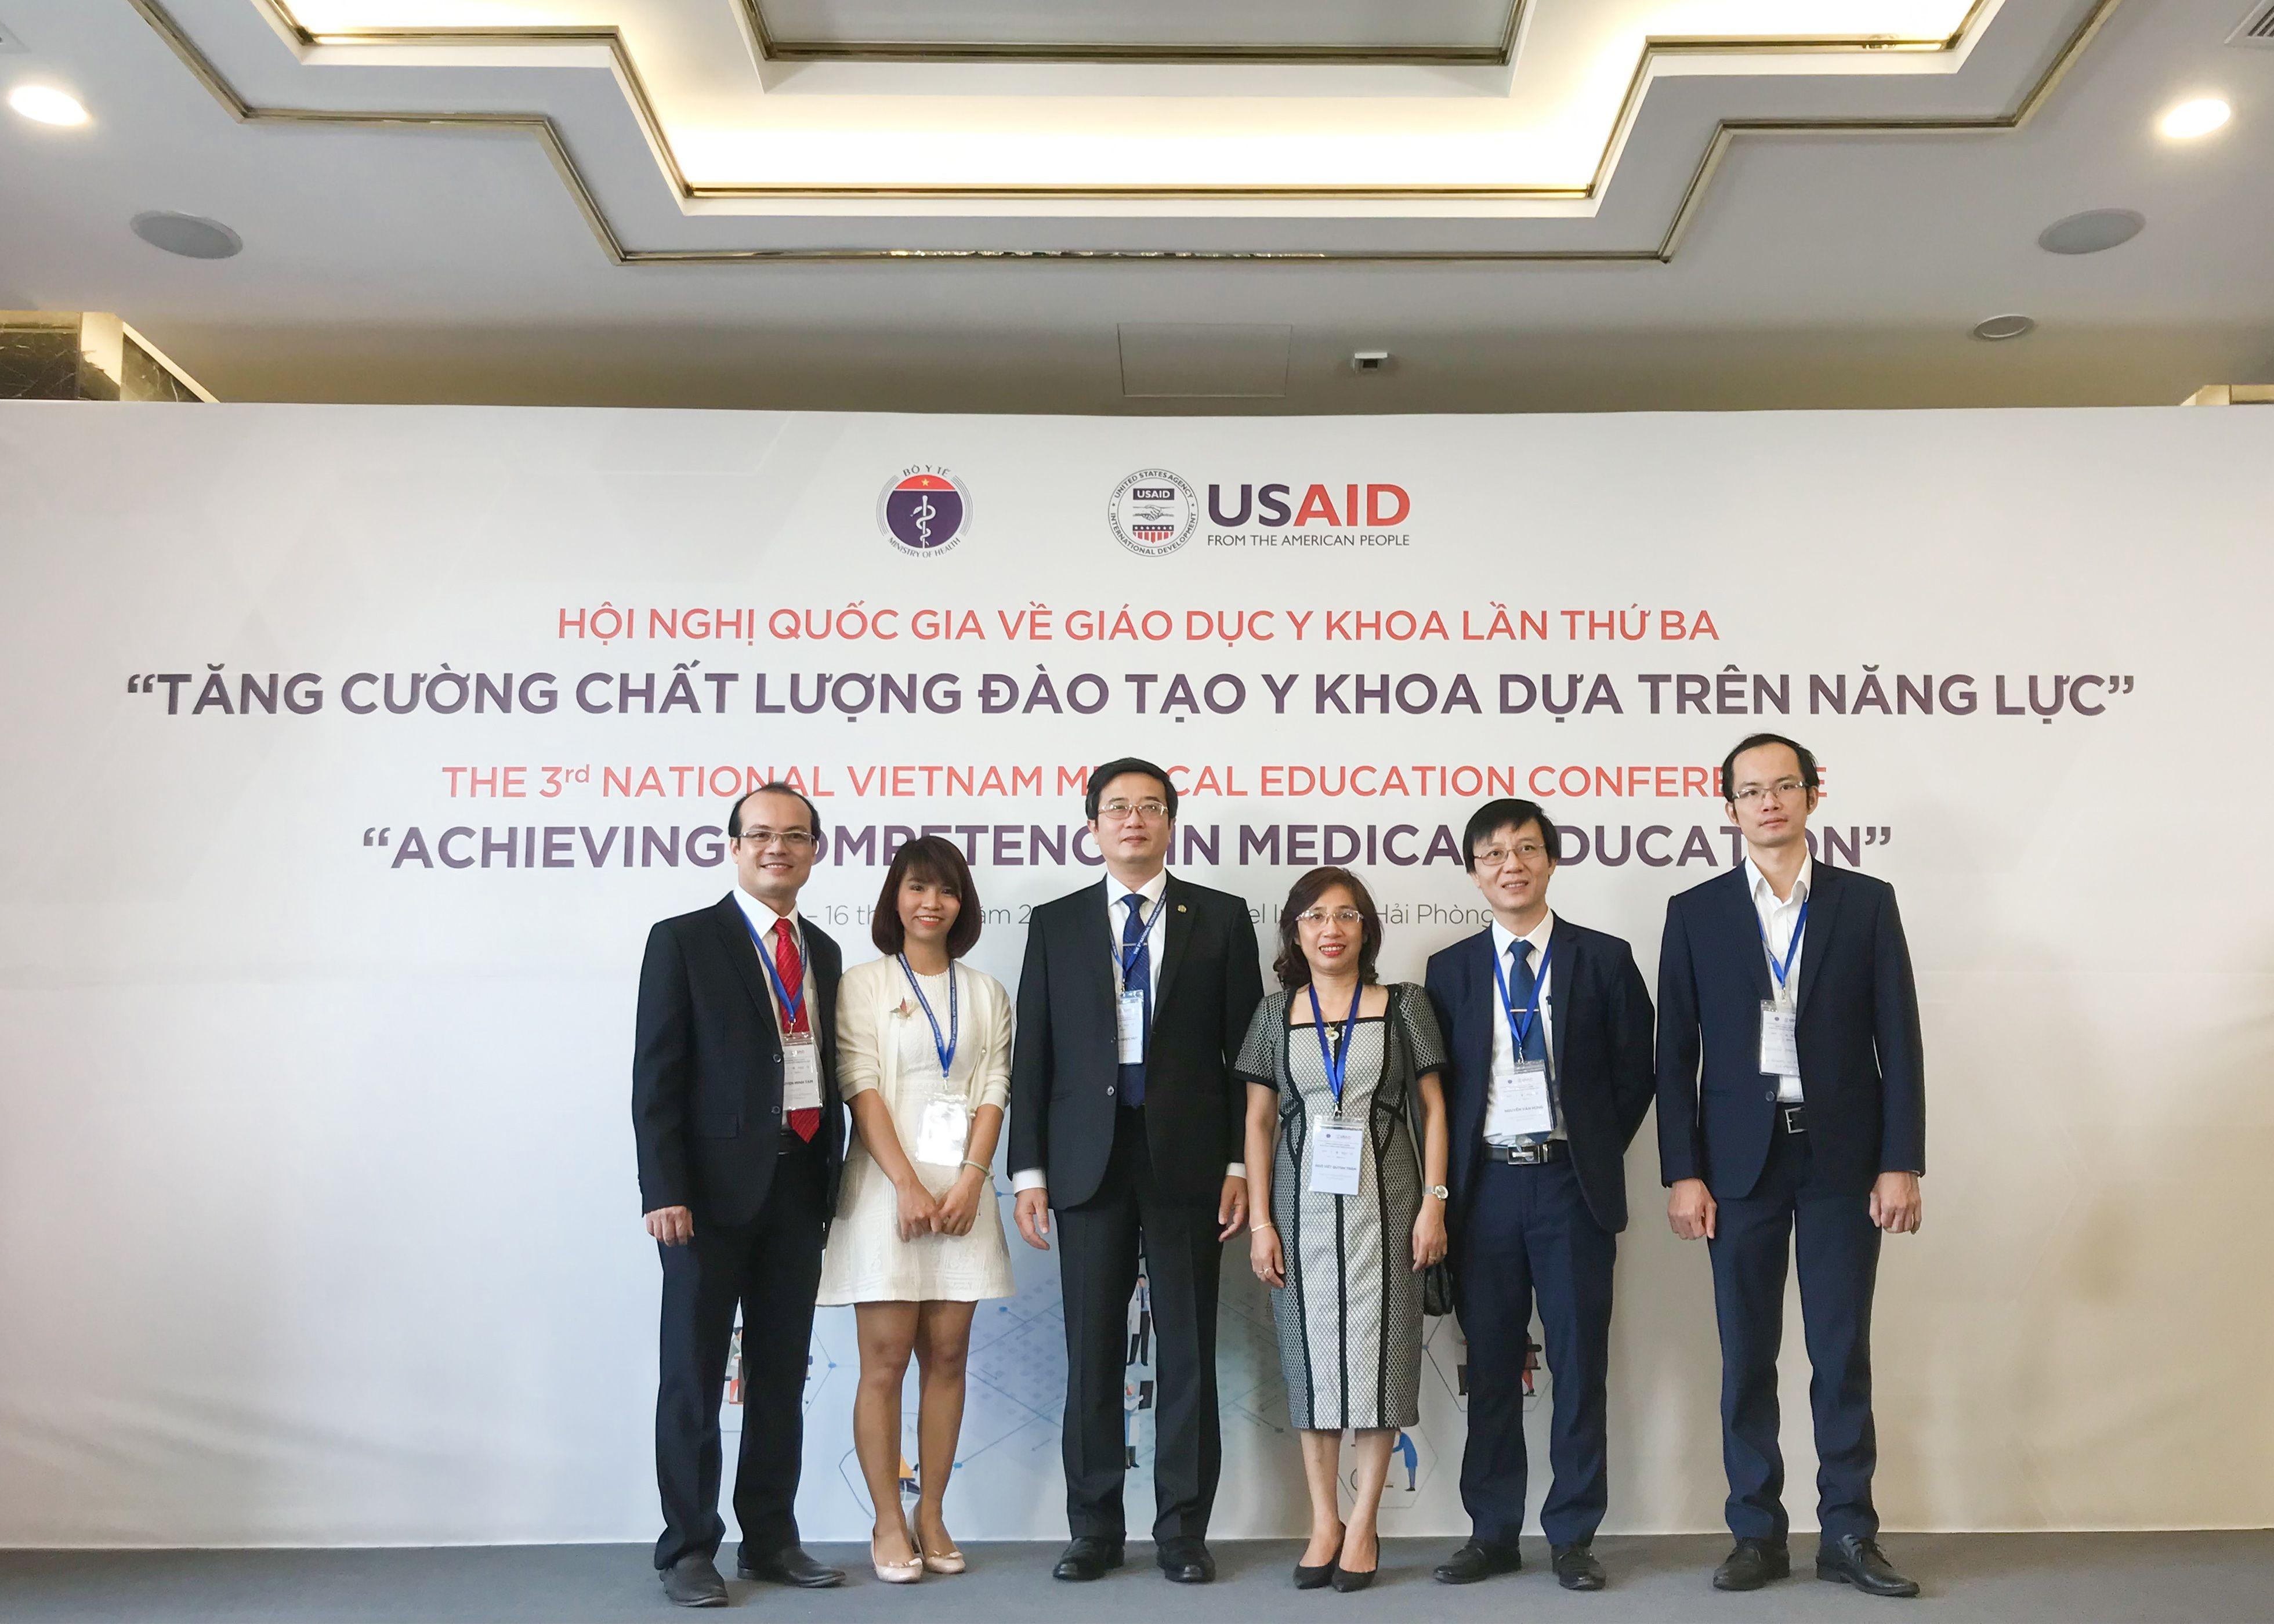 Trường Đại học Y Dược Huế tham dự và báo cáo tại hội nghị quốc gia về giáo dục y khoa lần thứ ba